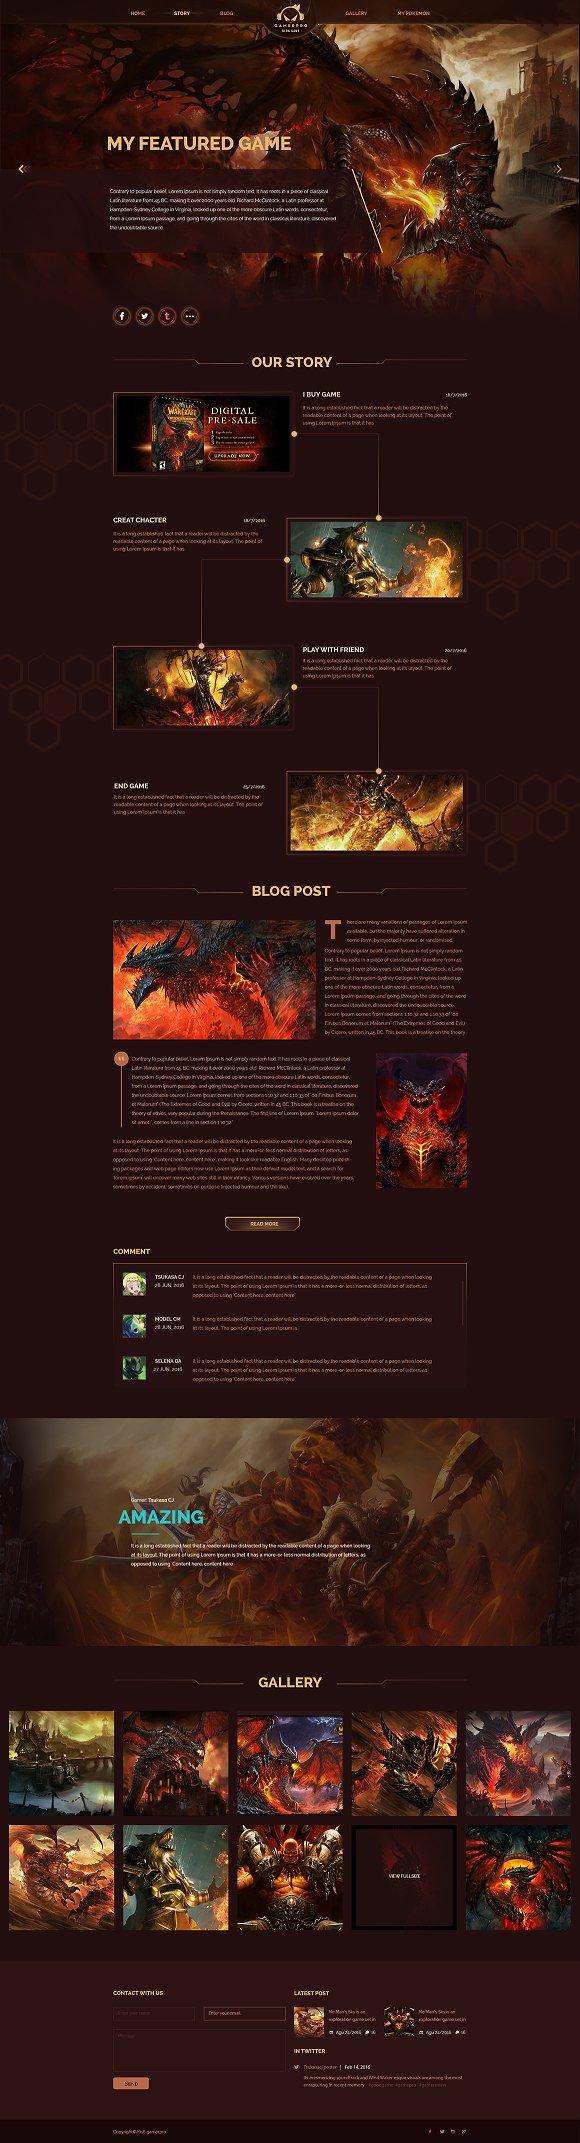 Gamepro Fantacstic Gamer Site PSD